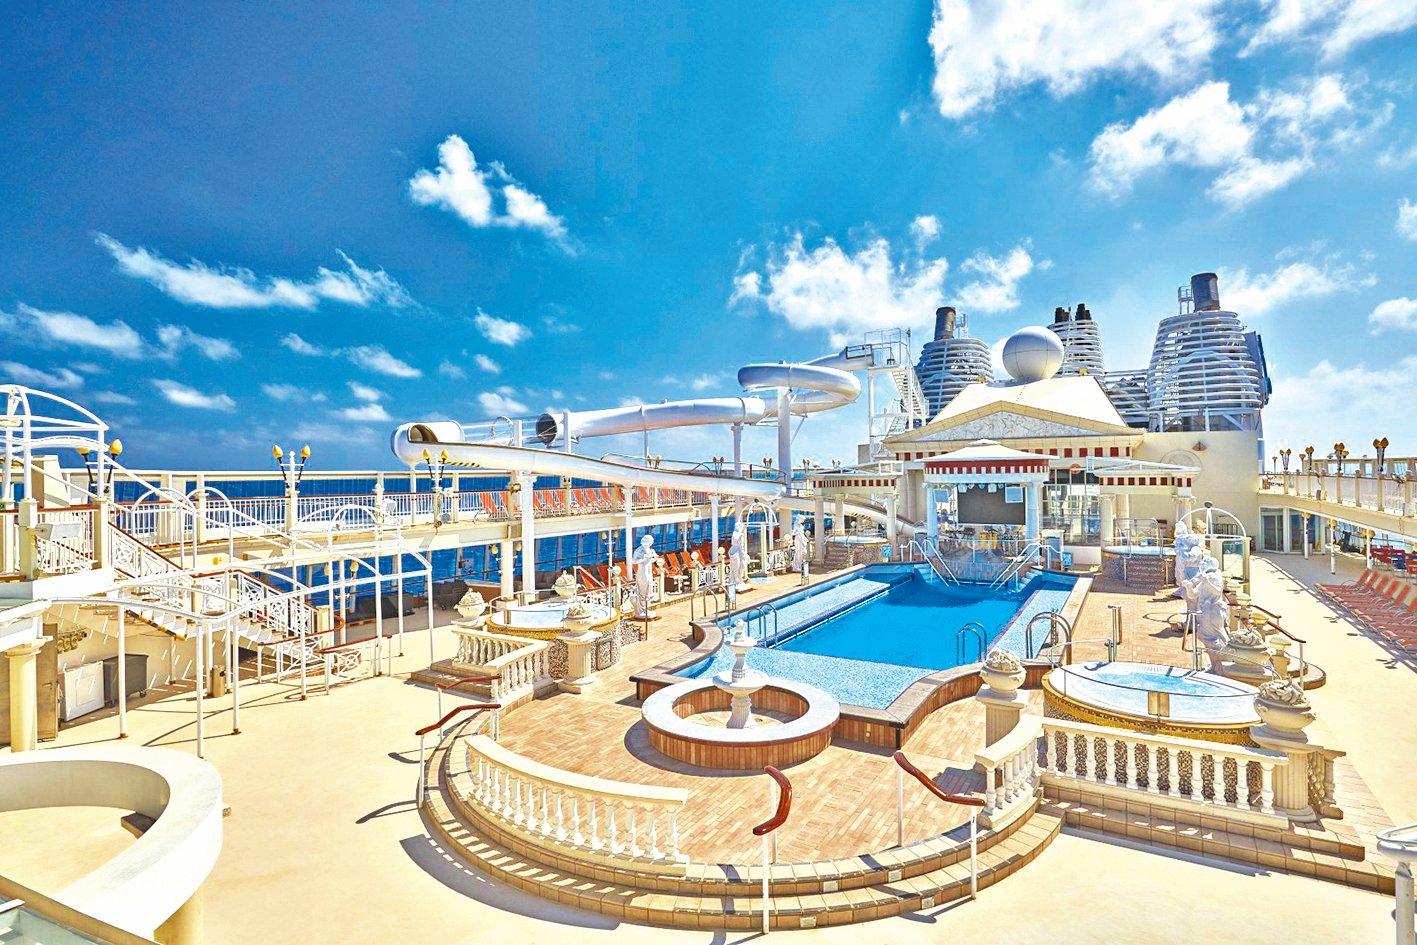 以古羅馬為設計主題的戶外泳池。